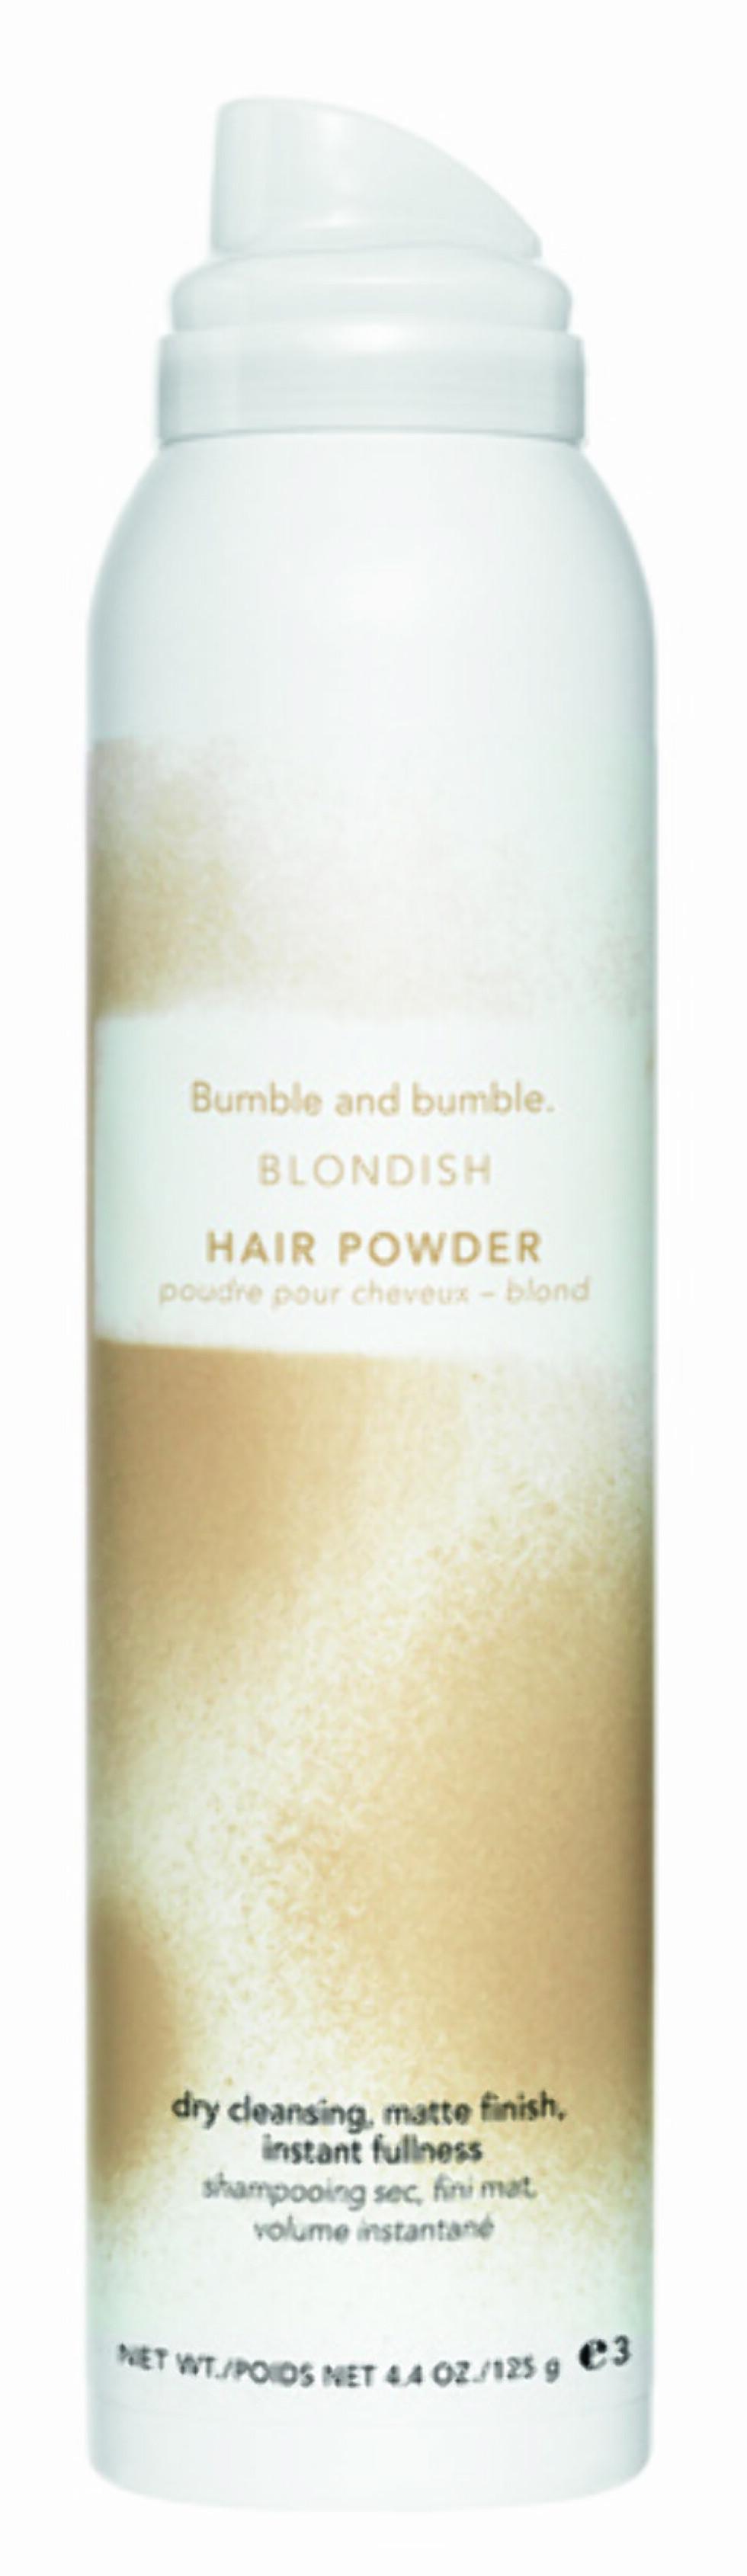 Hårpudder for blondiner fra Bumble and bumble. Kommer i to størrelser: 28 g, kr 235 og 125 g, kr 423.